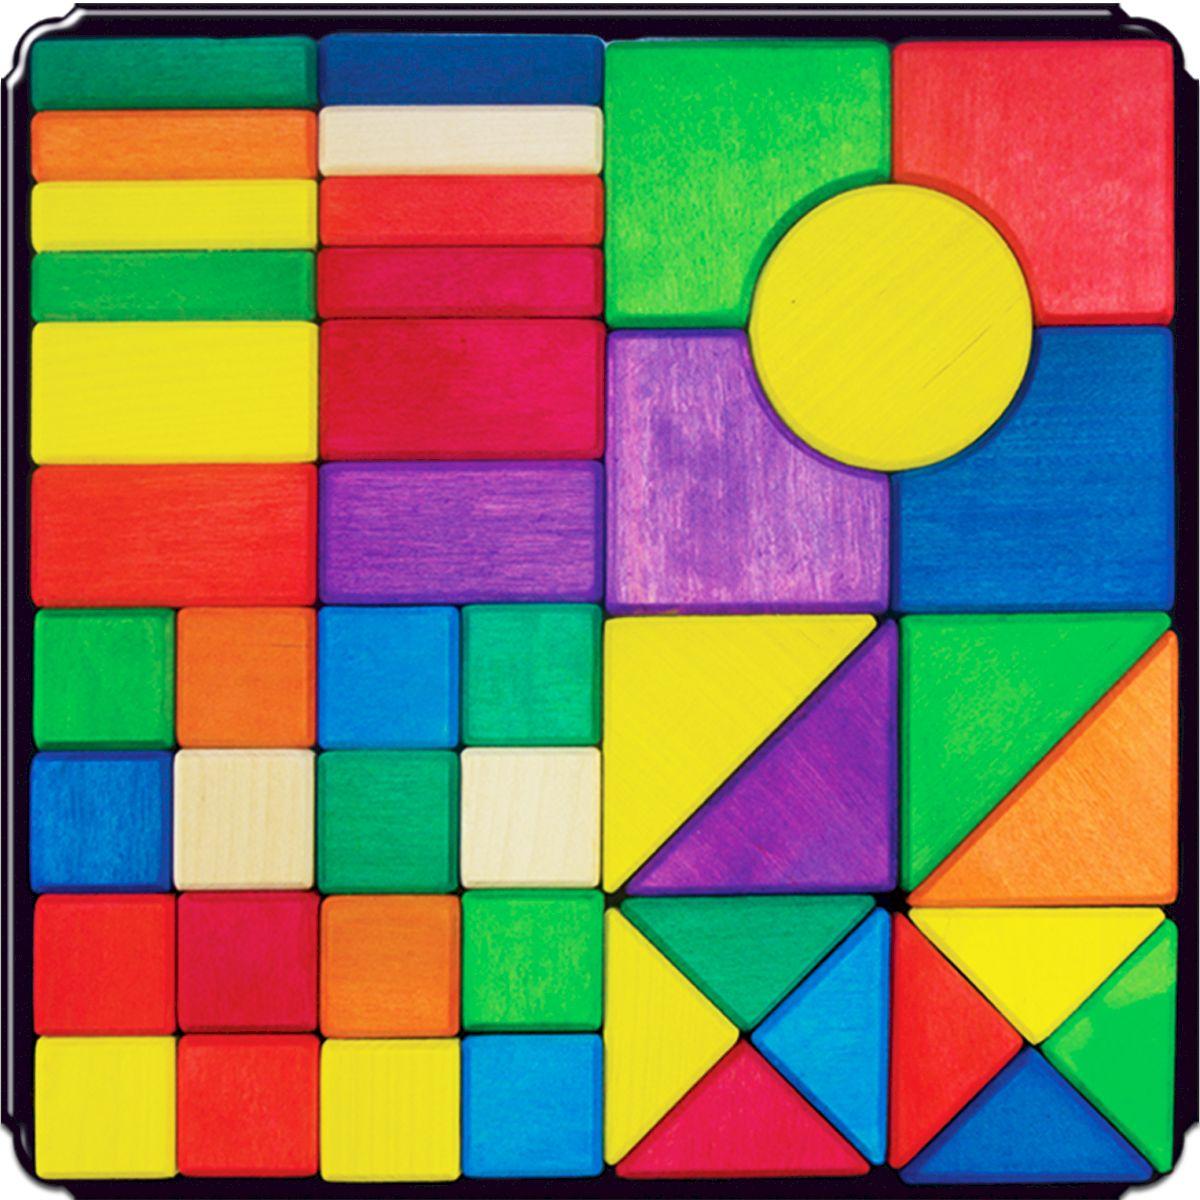 Деревяшкино Геометрические фигуры на магнитной доске 45 шт98Развивающая деревянная головоломка-конструктор (средней степени сложности) подходит для мальчиков и девочек в возрасте от 3 лет, состоит из 45 деталей. Можно раскладывать фигуры в заданной последовательности: круг, треугольник, квадрат; составлять объемные башенки из брусков, плоские картинки из кругов или квадратов разного размера, елки — из треугольников. Собирать фигуры одного цвета или одного размера. Дети знакомятся с названиями, характерными признаками и формой геометрических фигур. Развивают координацию, фантазию, пространственное мышление, обучают элементарным вещам: почему что-то стоит, а что-то падает и т.д. Экологически чистый продукт: изготовлено вручную из массива березы. Игрушка раскрашена пищевой водостойкой краской, что делает взаимодействие с изделием абсолютно безопасным: никаких лаков, «химии» или добавок.